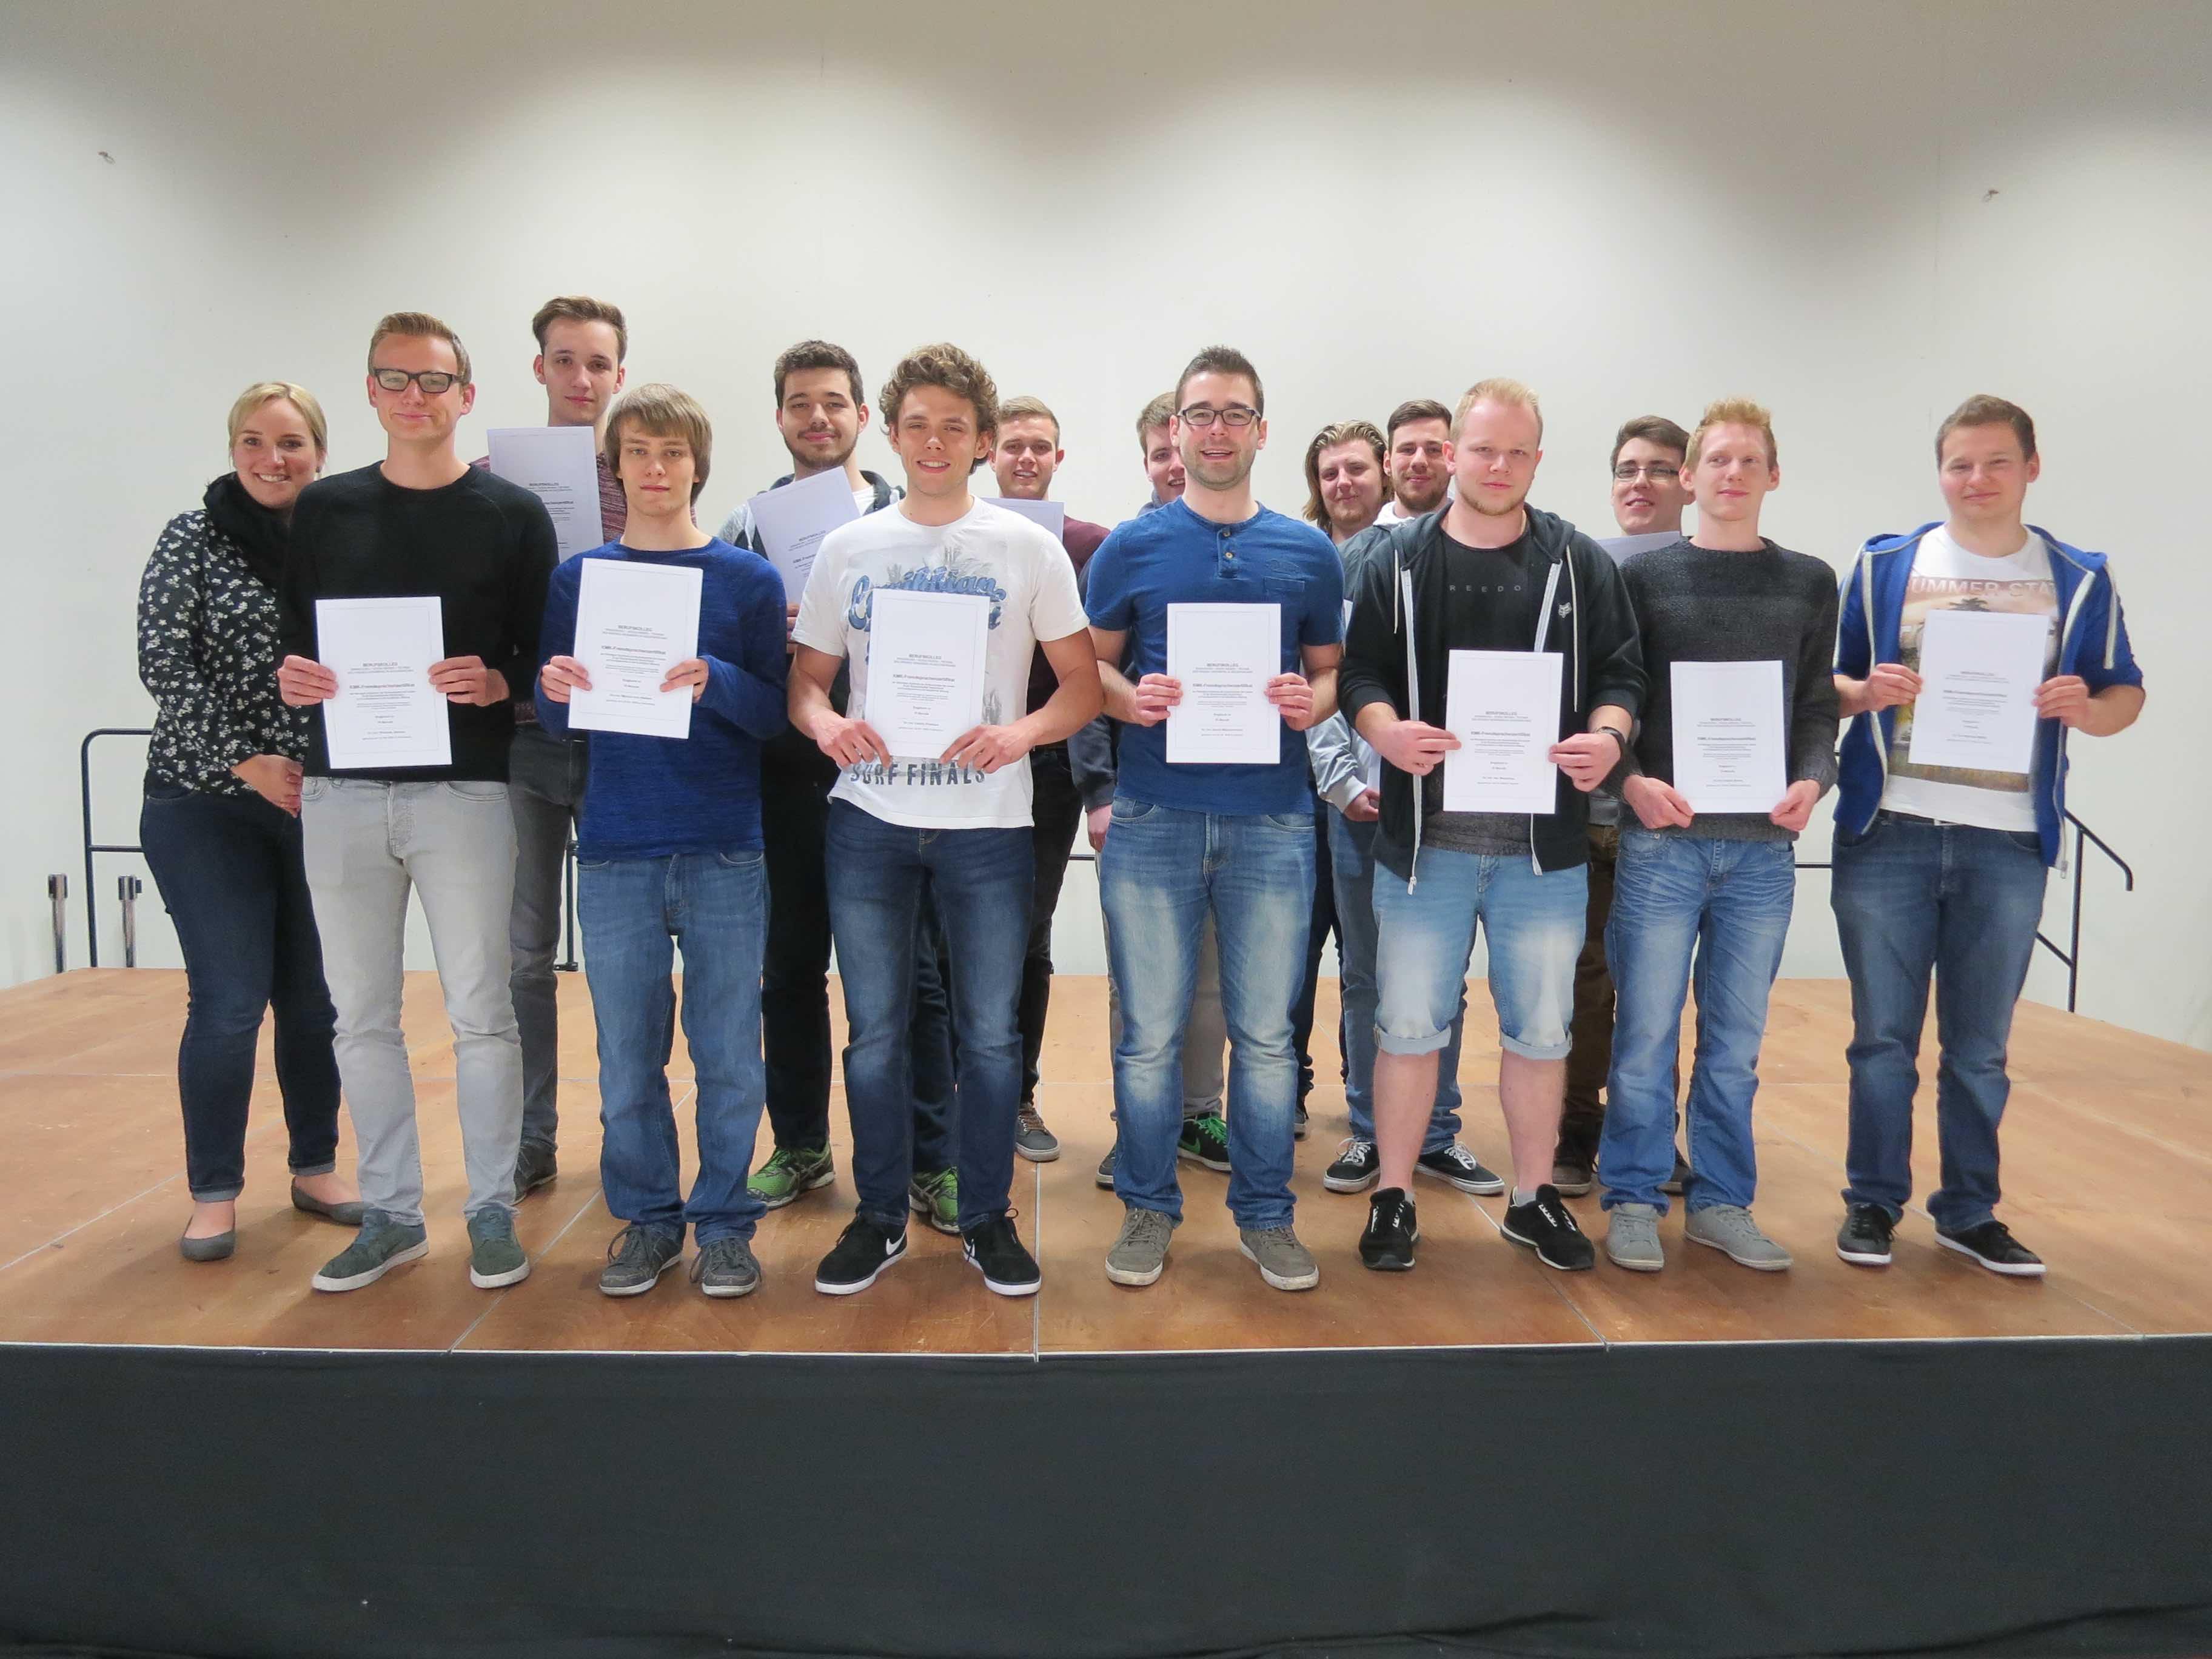 KMK-Fremdsprachenzertifikat  für IT-Berufe und Mechatroniker